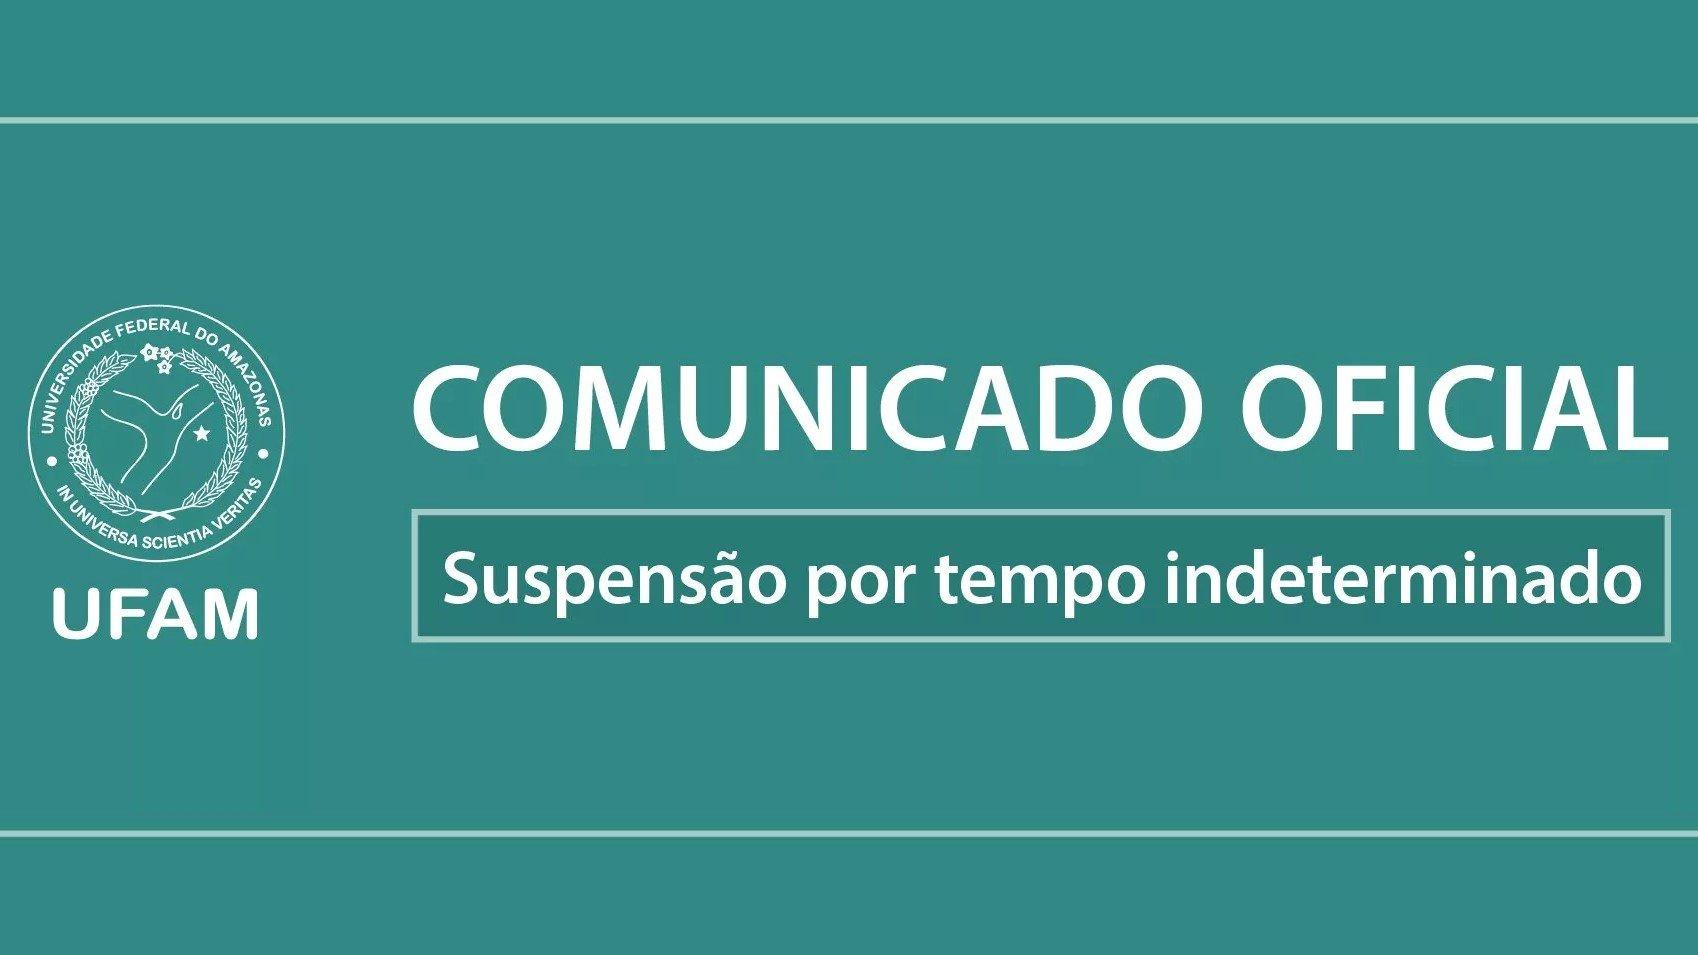 Suspensão do Calendário Acadêmico Regular de 2020 em função da pandemia de COVID-19